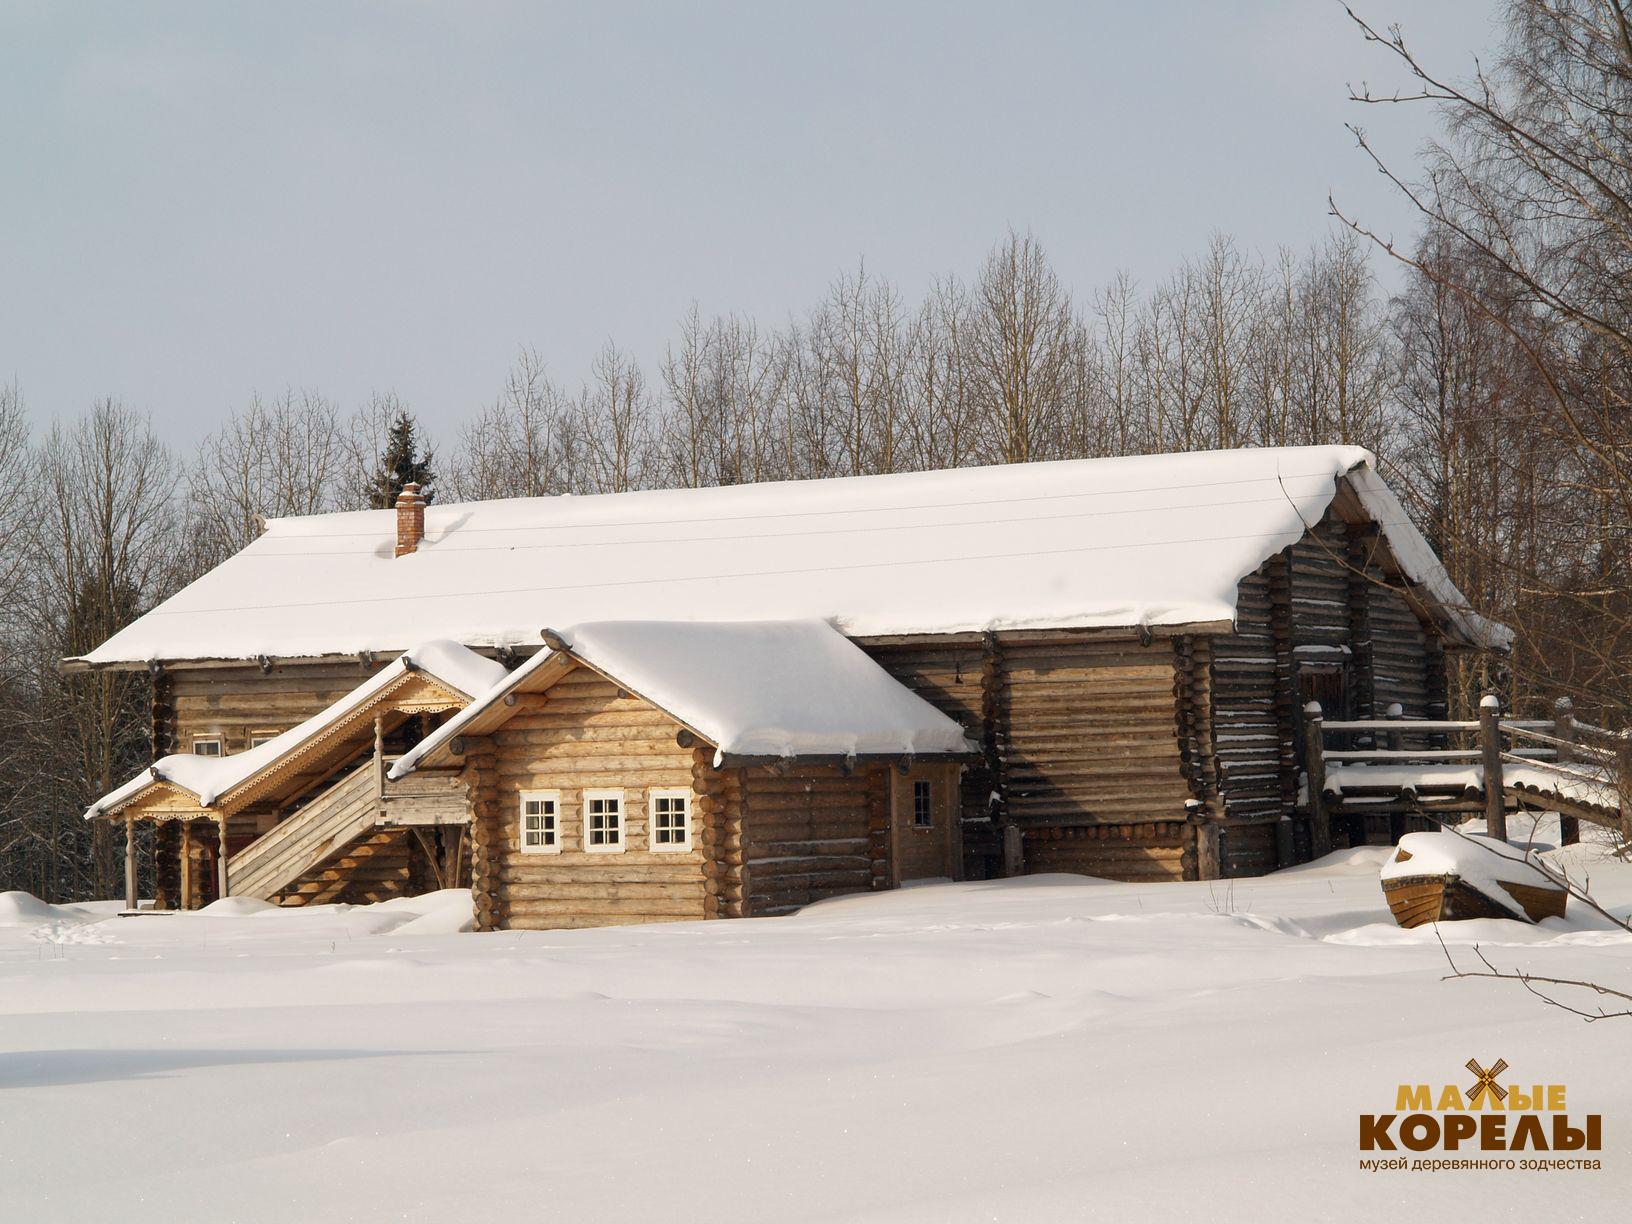 Сохранение тепла в крестьянском доме — Жить!